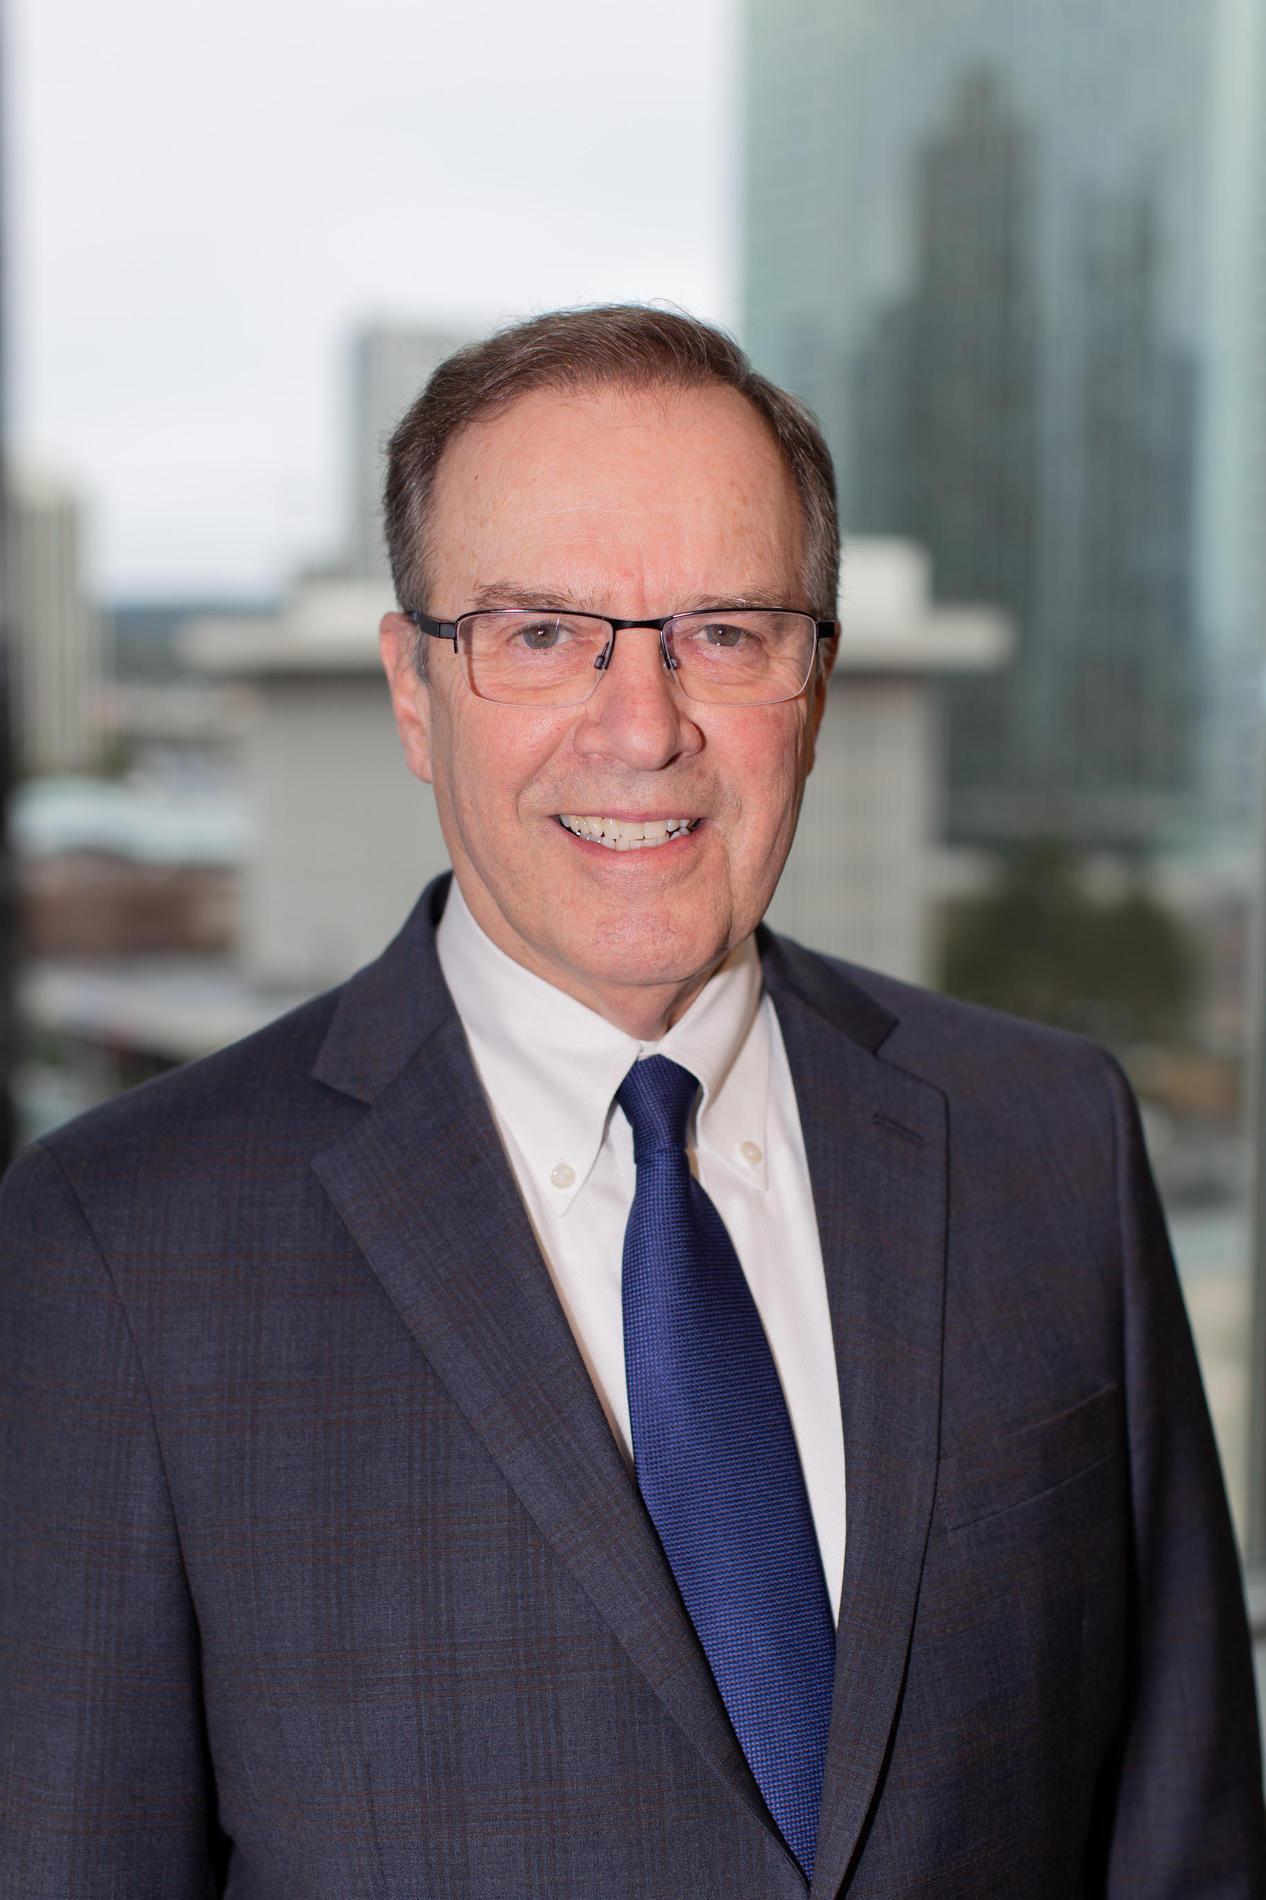 Keith Whitman | Bellevue, WA | Morgan Stanley Wealth Management